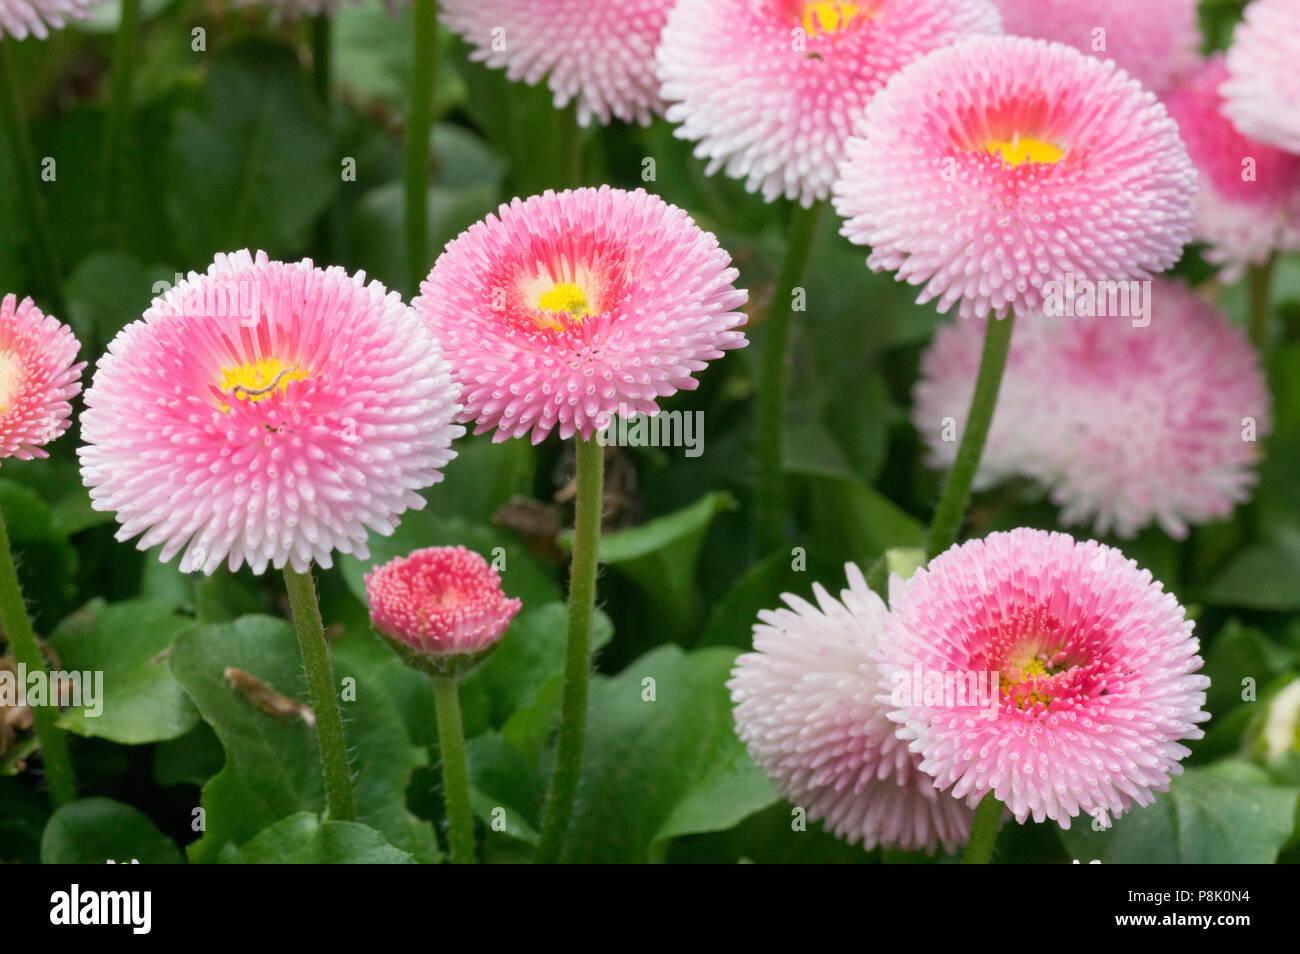 Pink English Daisies Pom Pom Flower Stock Photo 211859344 Alamy